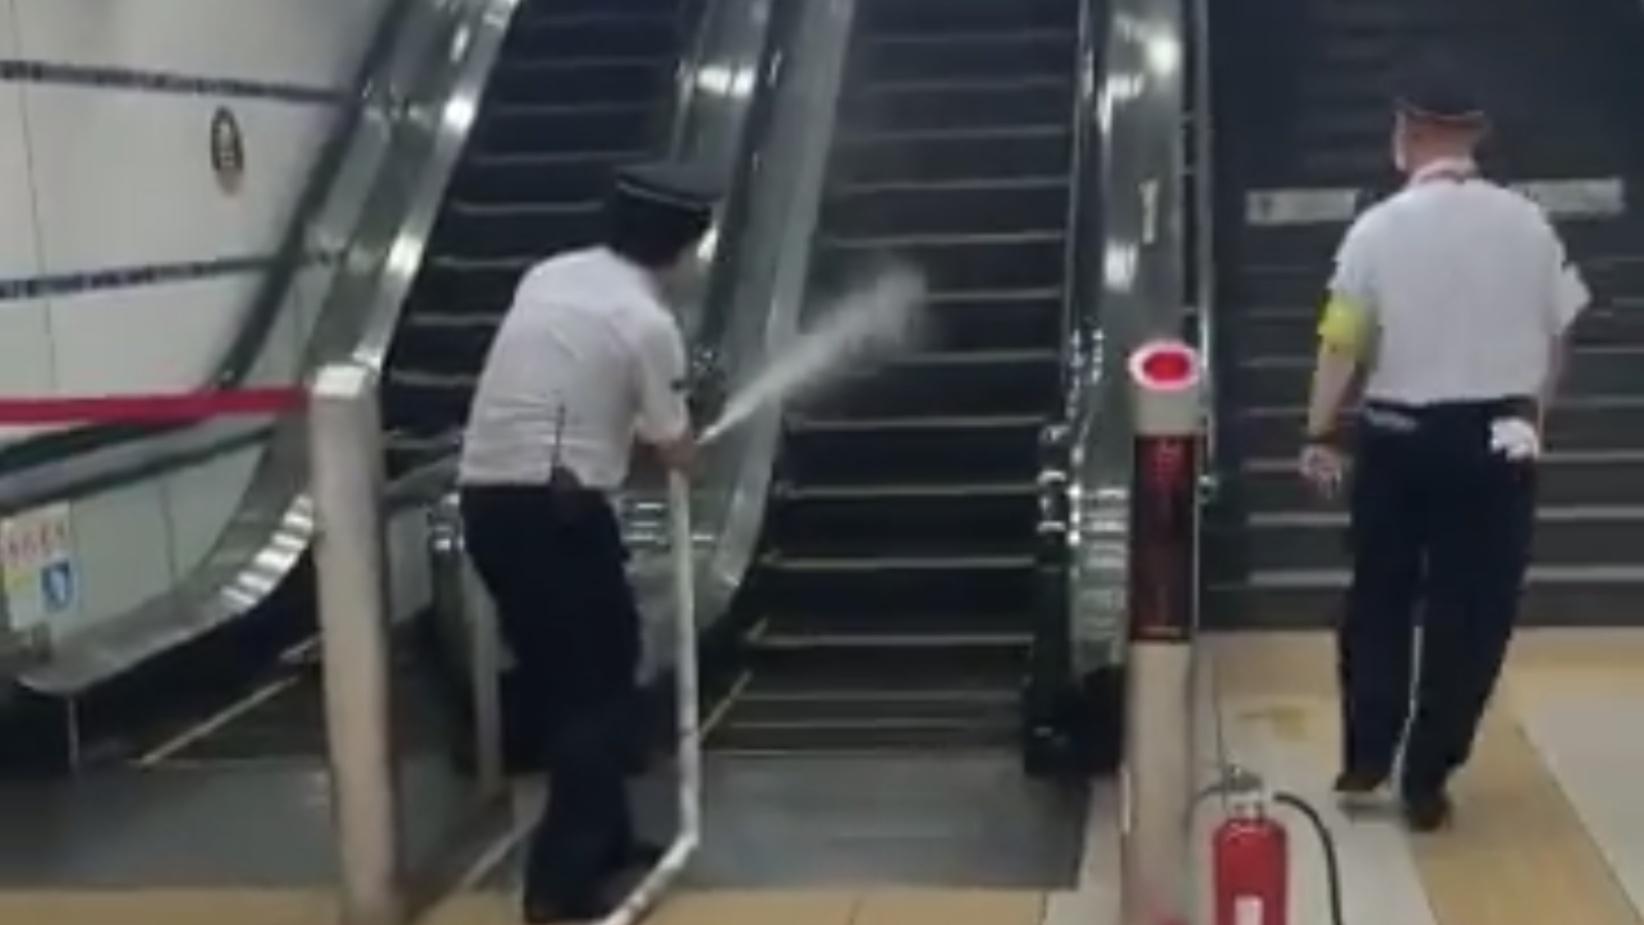 【横浜駅で火災】東急東横線・みなとみらい線の横浜駅地下5階ホームで火災報知器作動 煙が充満し避難誘導が 原因は普段よく使うアレだった